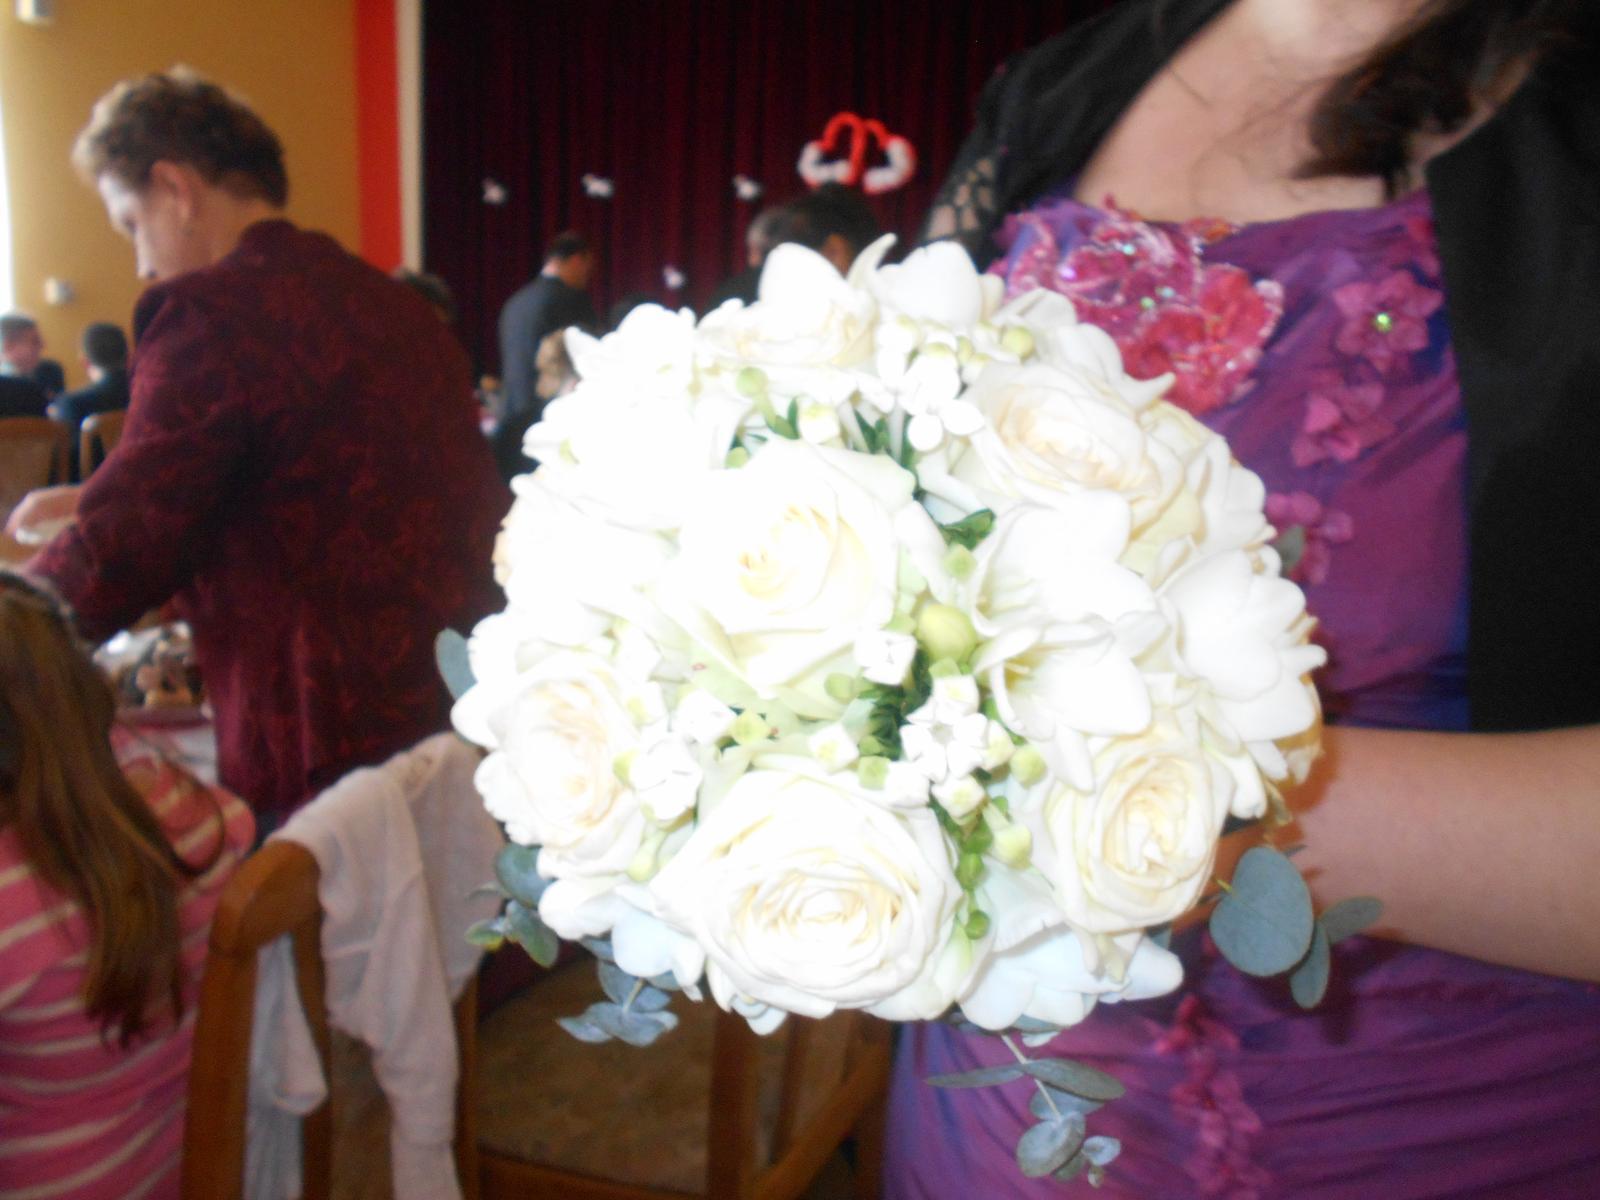 Ja som mala svadbu... - Obrázok č. 1